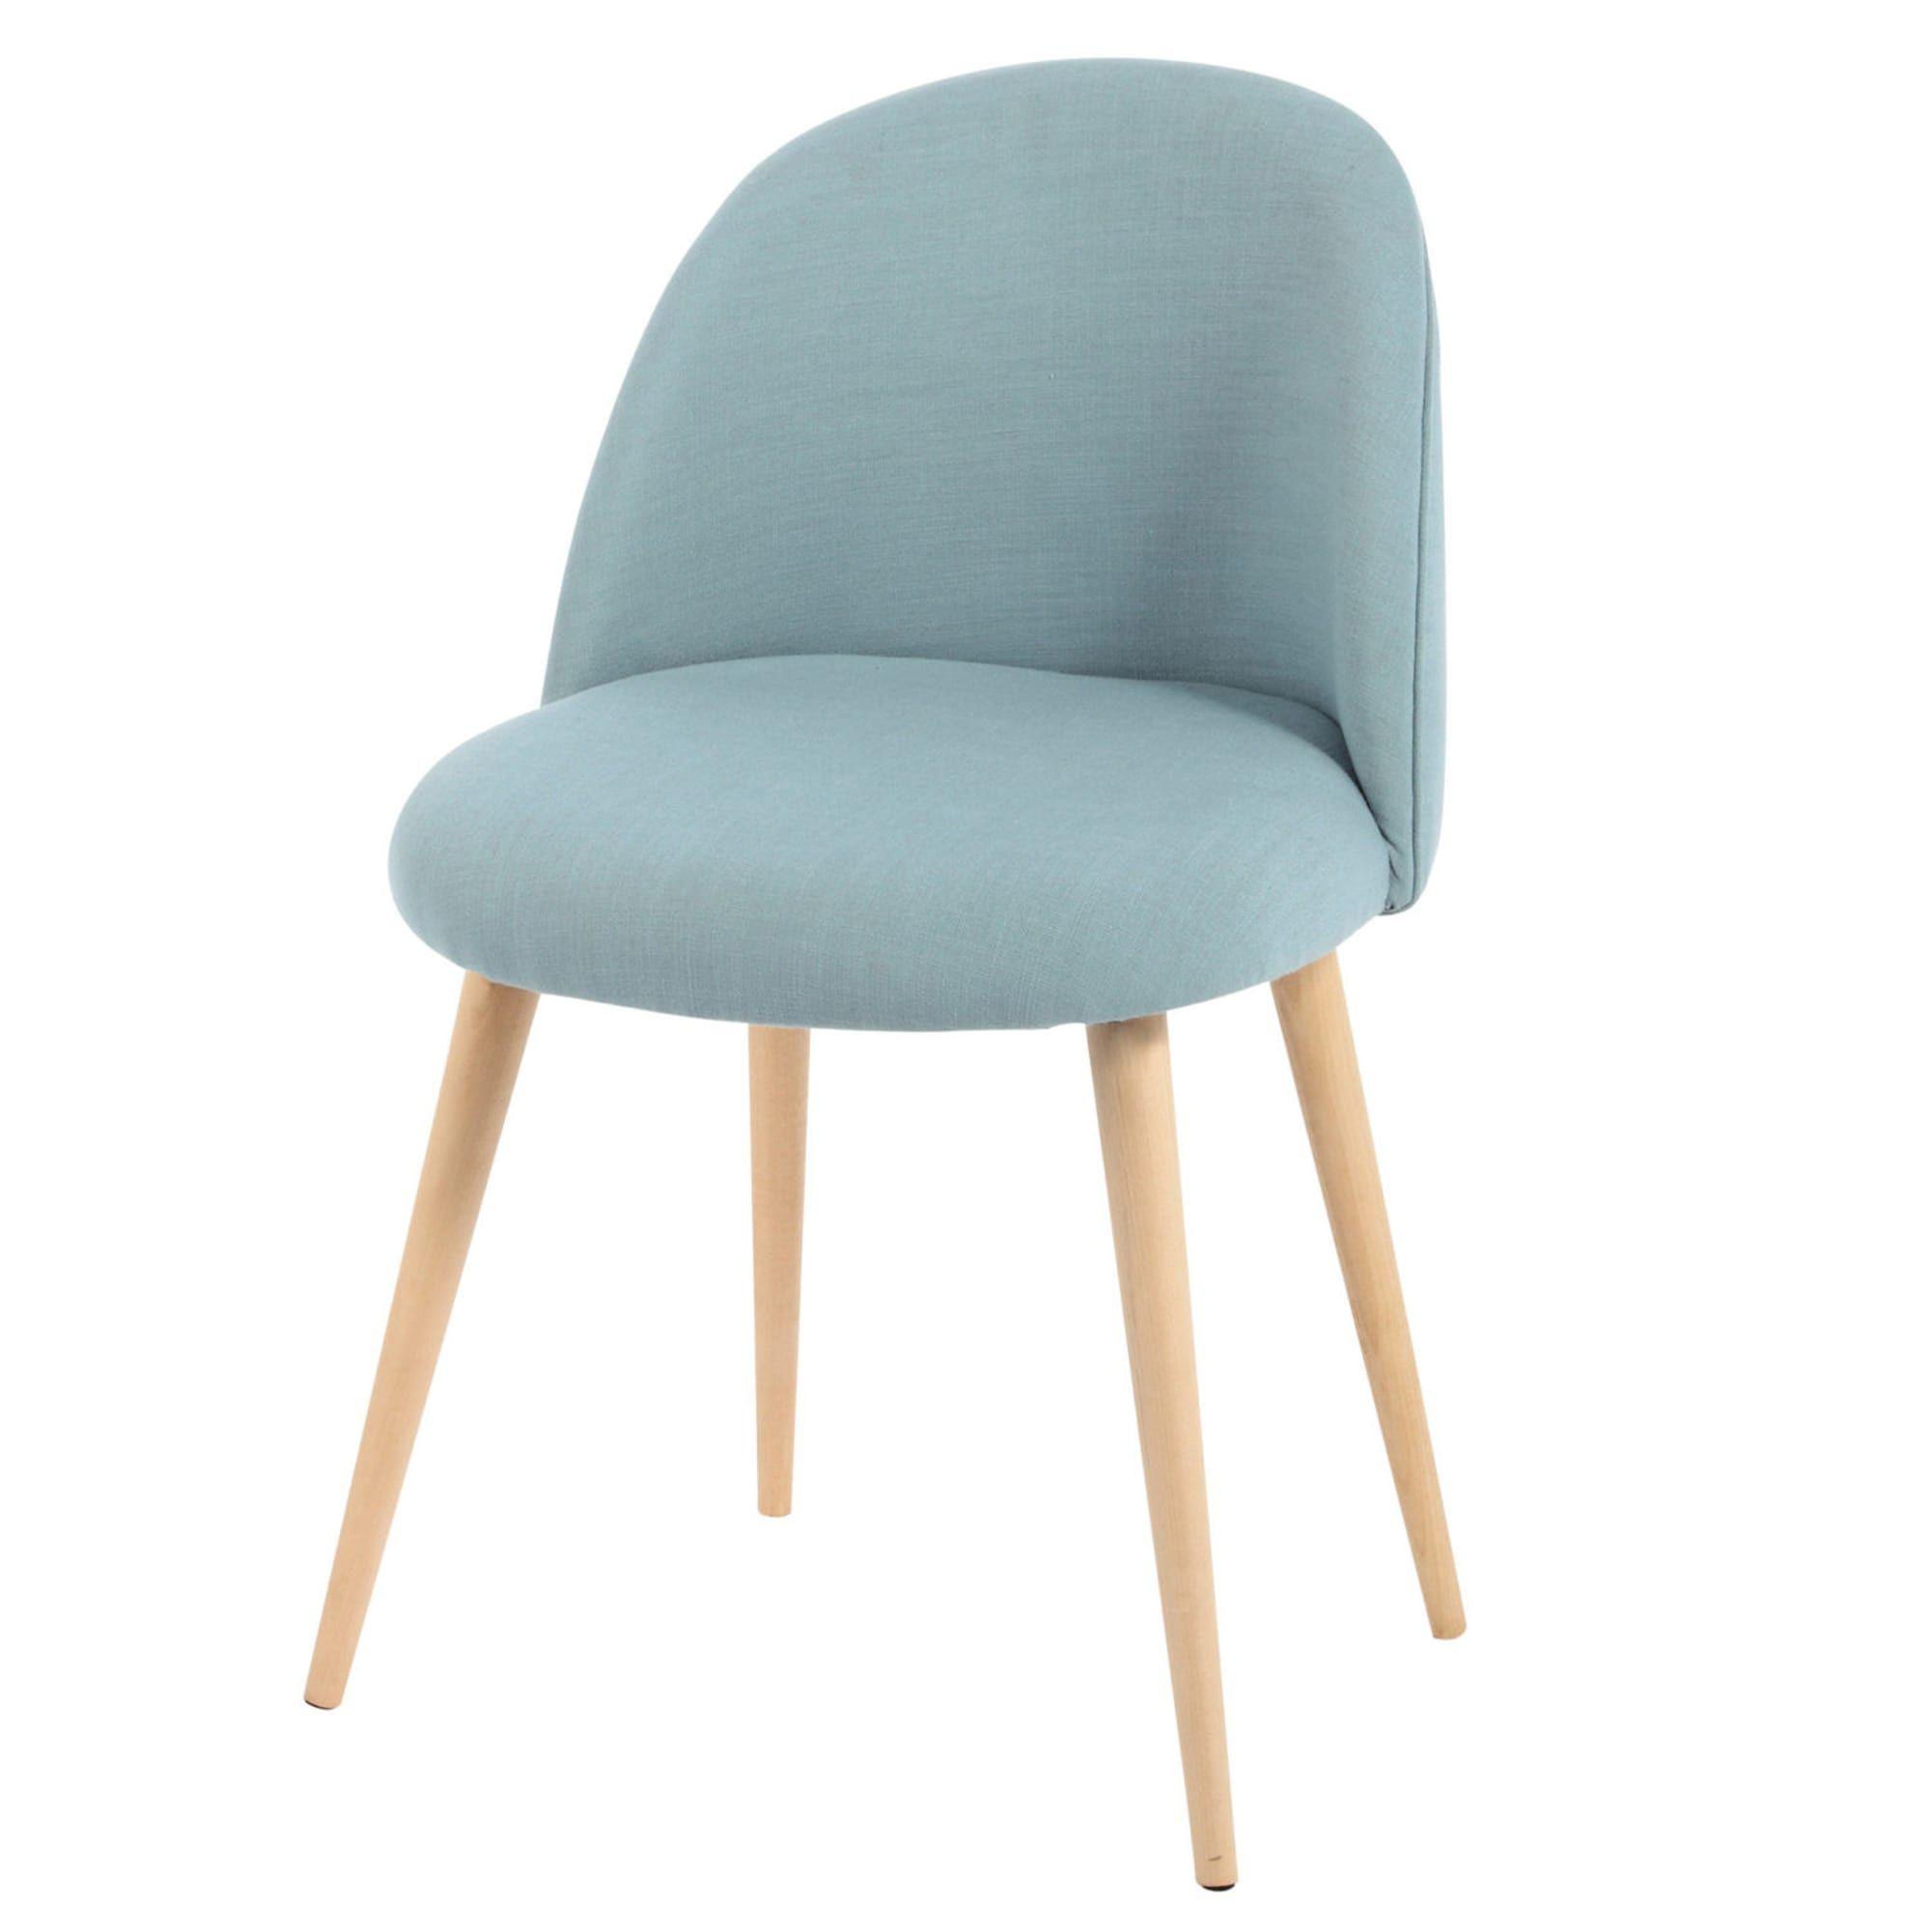 Blauer Stuhl Im Vintage Stil Und Massivbirke Mit Bildern Blaue Stuhle Stuhle Vintage Stil